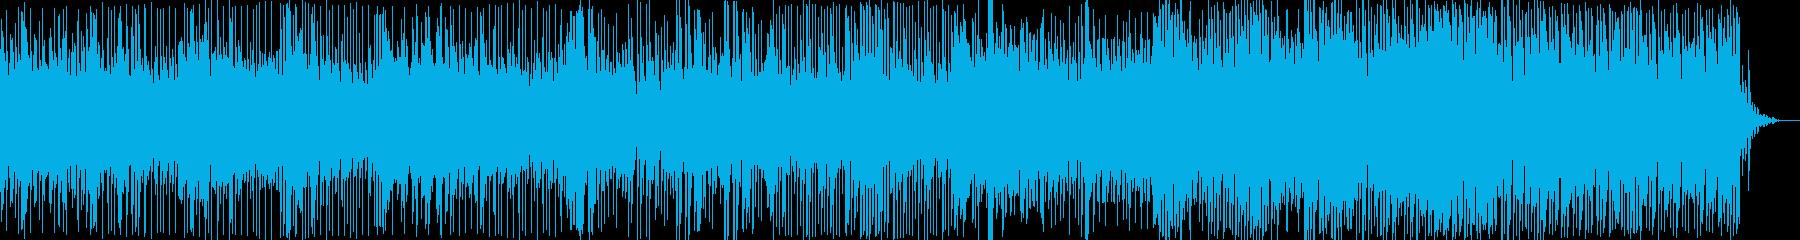 明るい疾走感のあるBGMの再生済みの波形